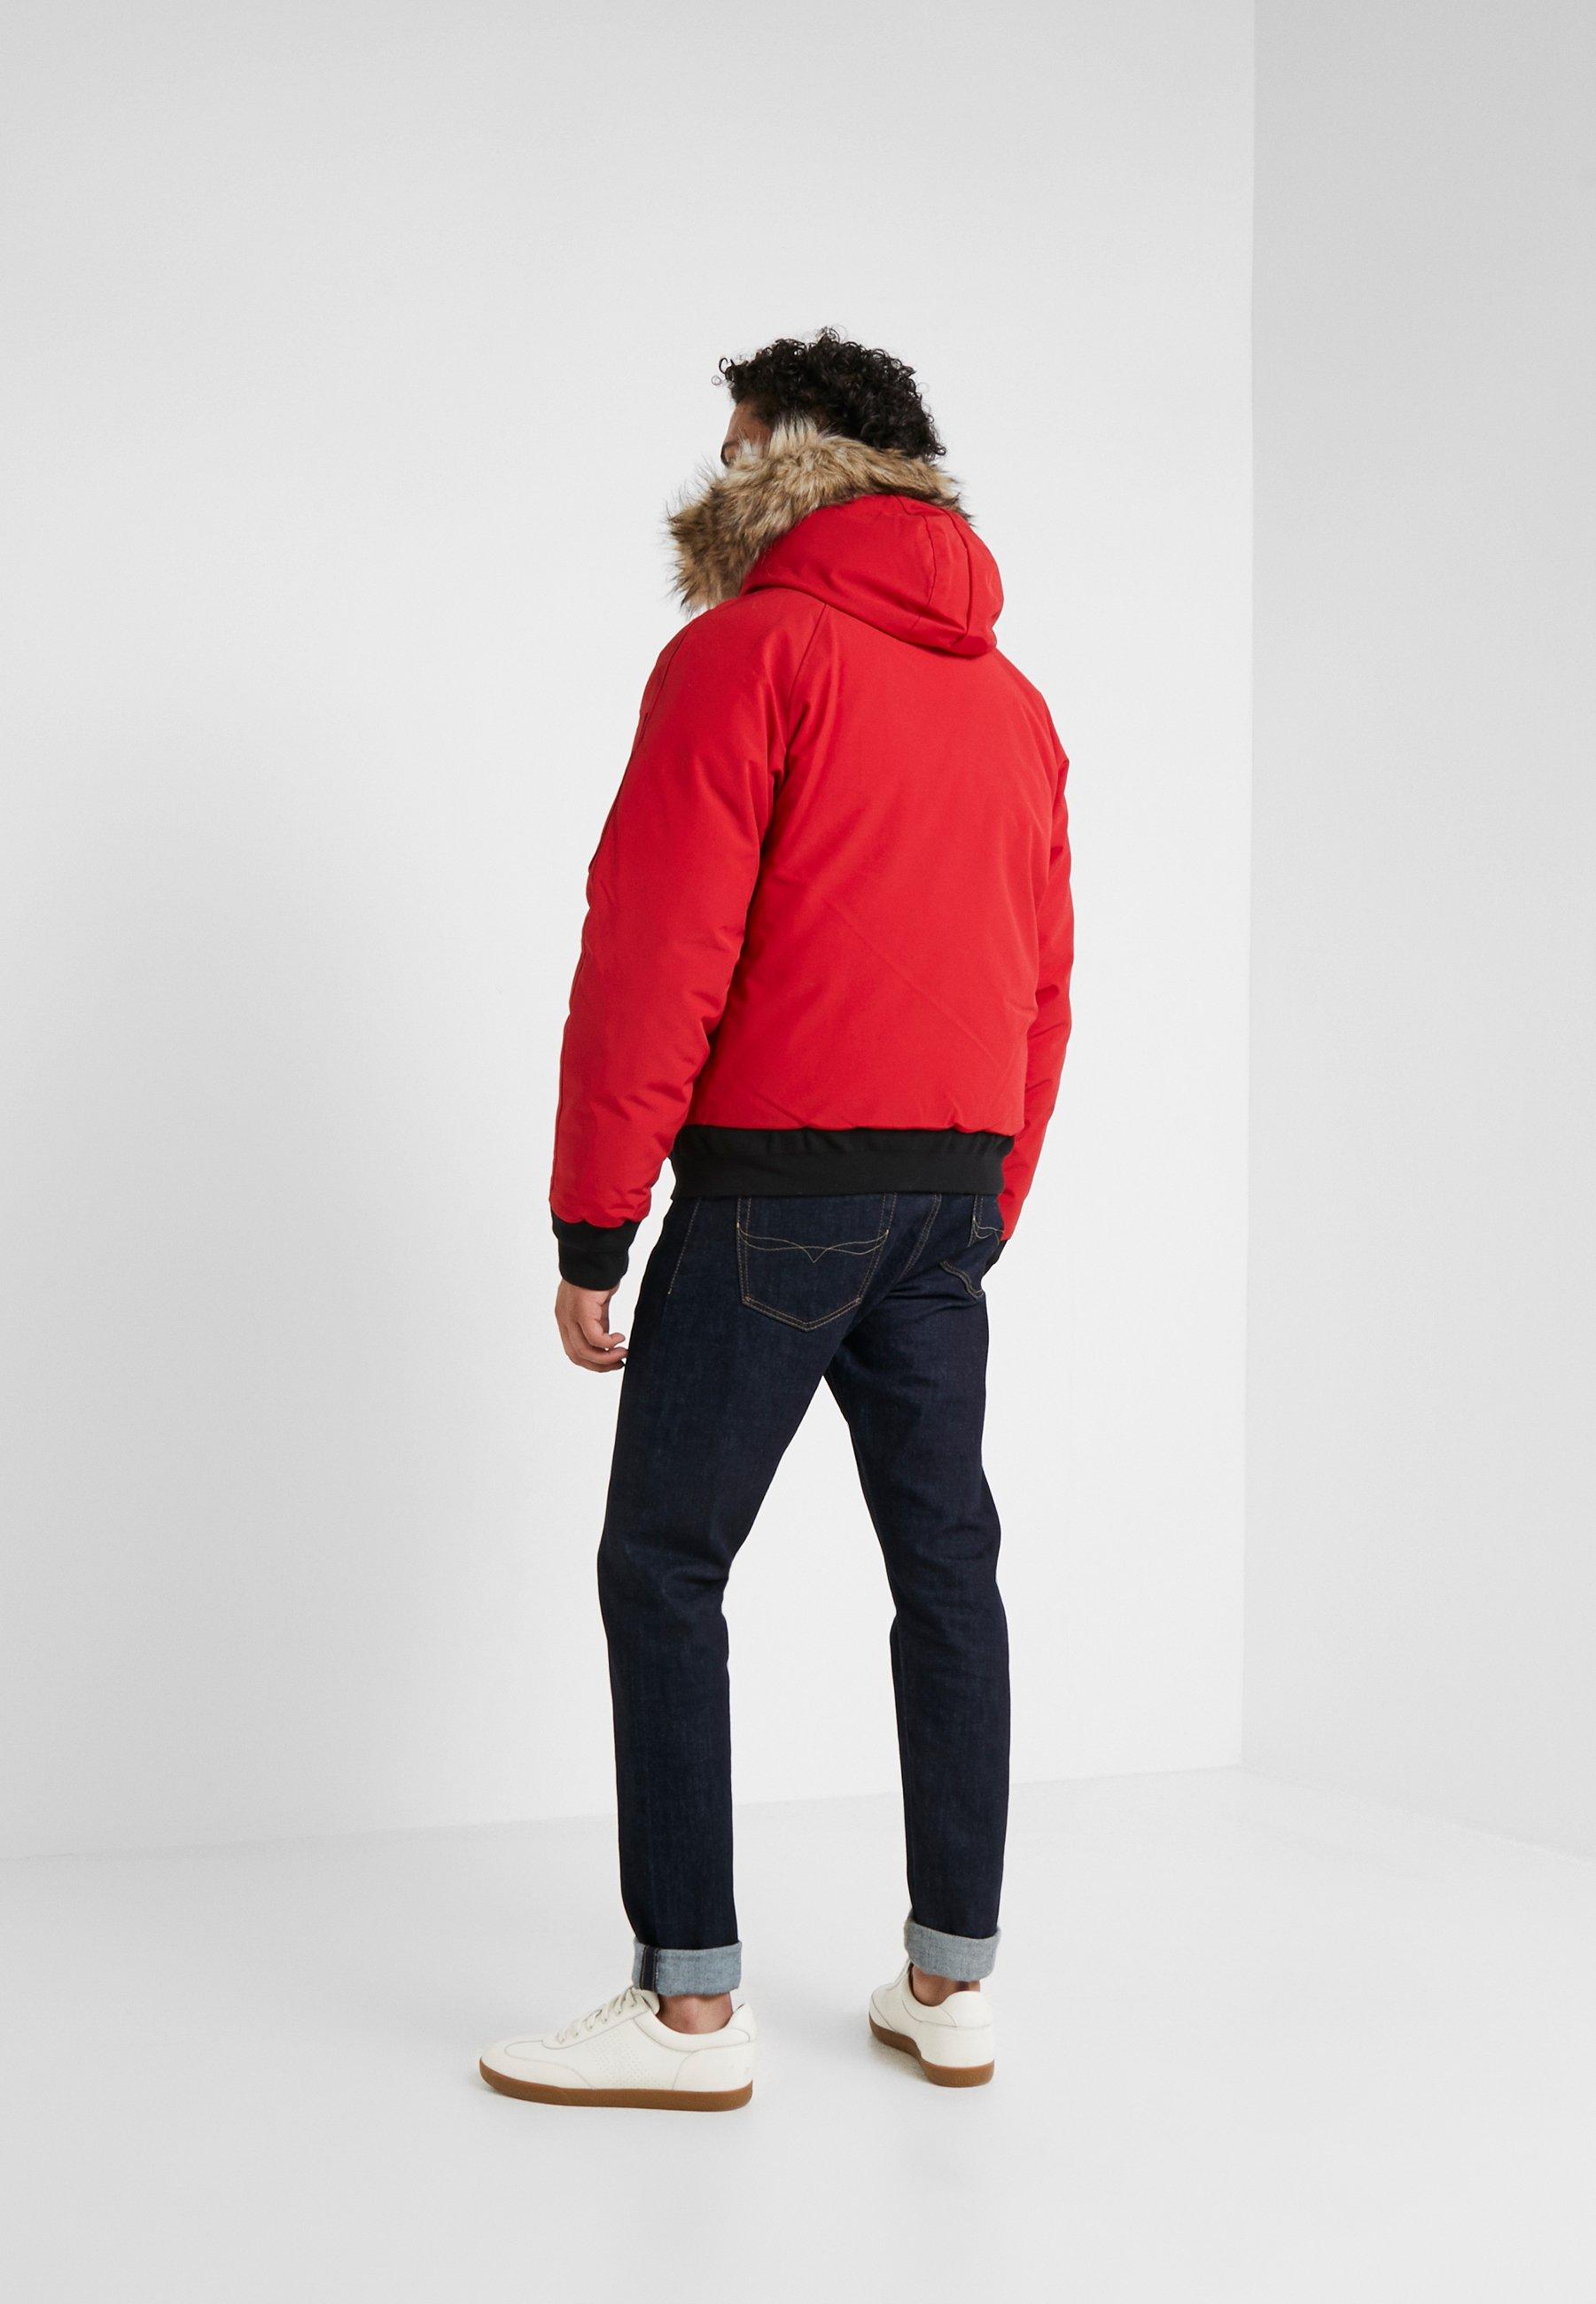 Polo Ralph Lauren ANNEX - Veste d'hiver red